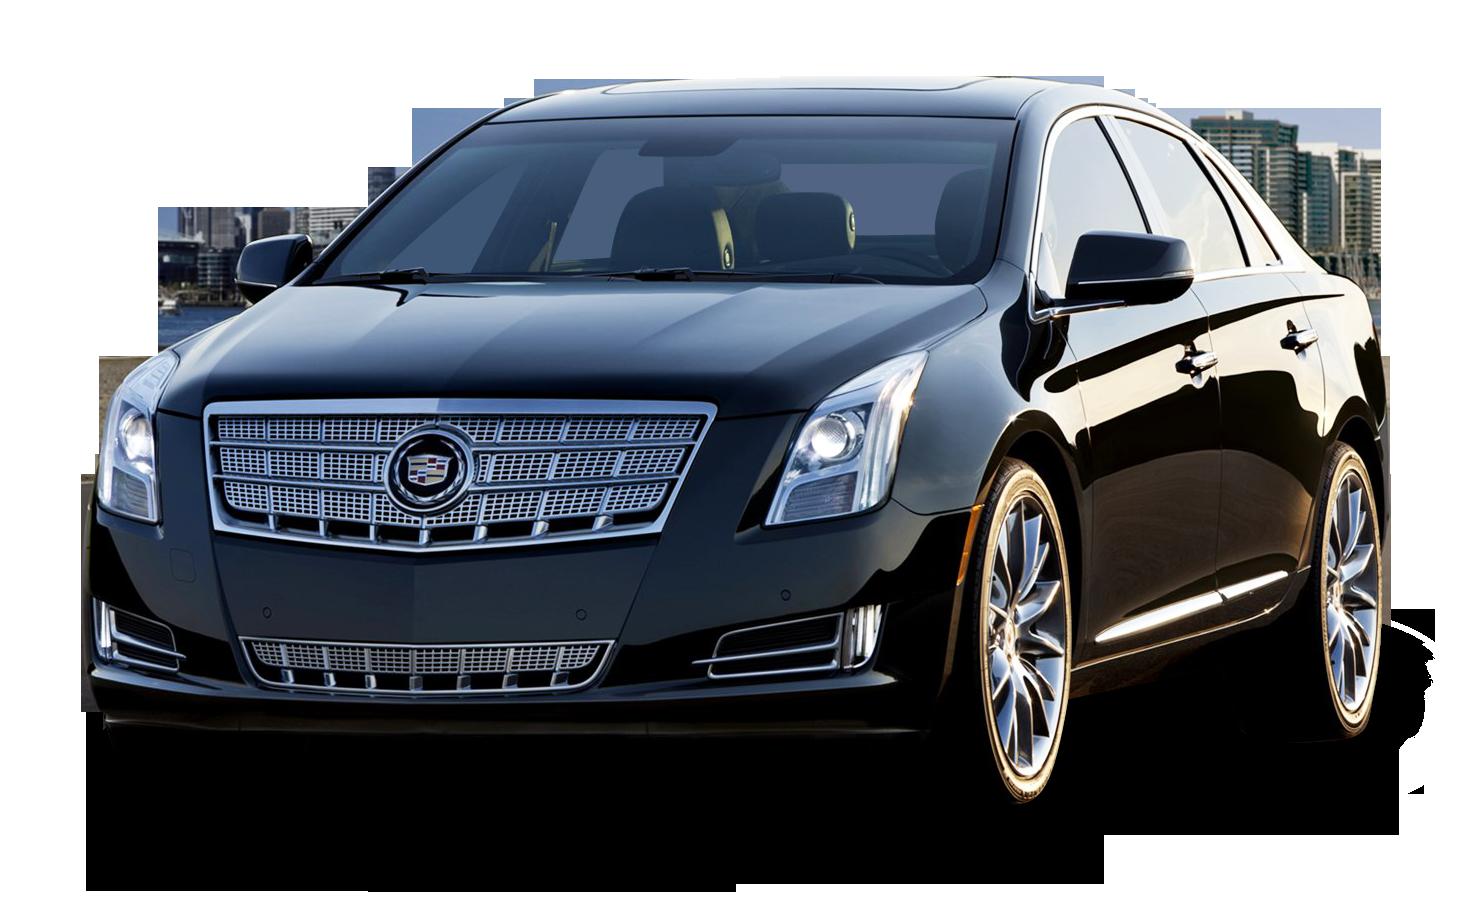 Race Car Png Hd: Cadillac XTS Black Car PNG Image - PurePNG